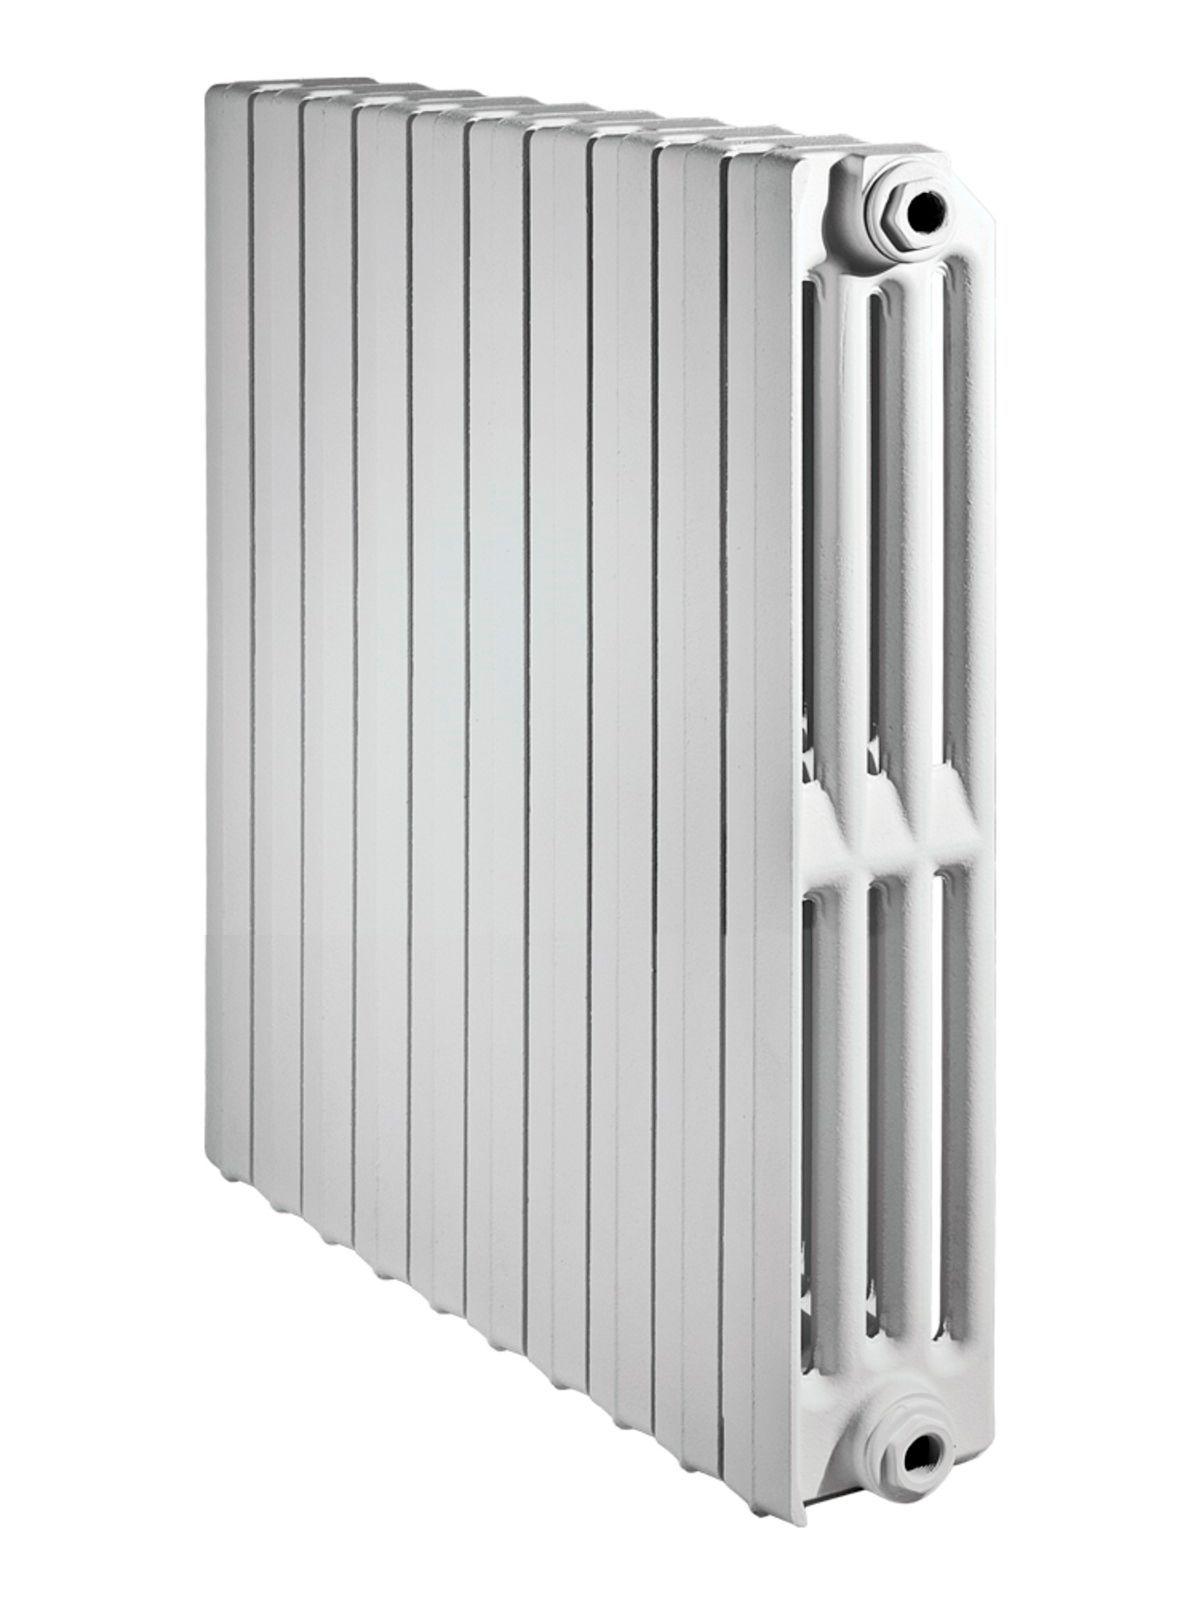 Чугунный дизайн радиатор ТЕРМО